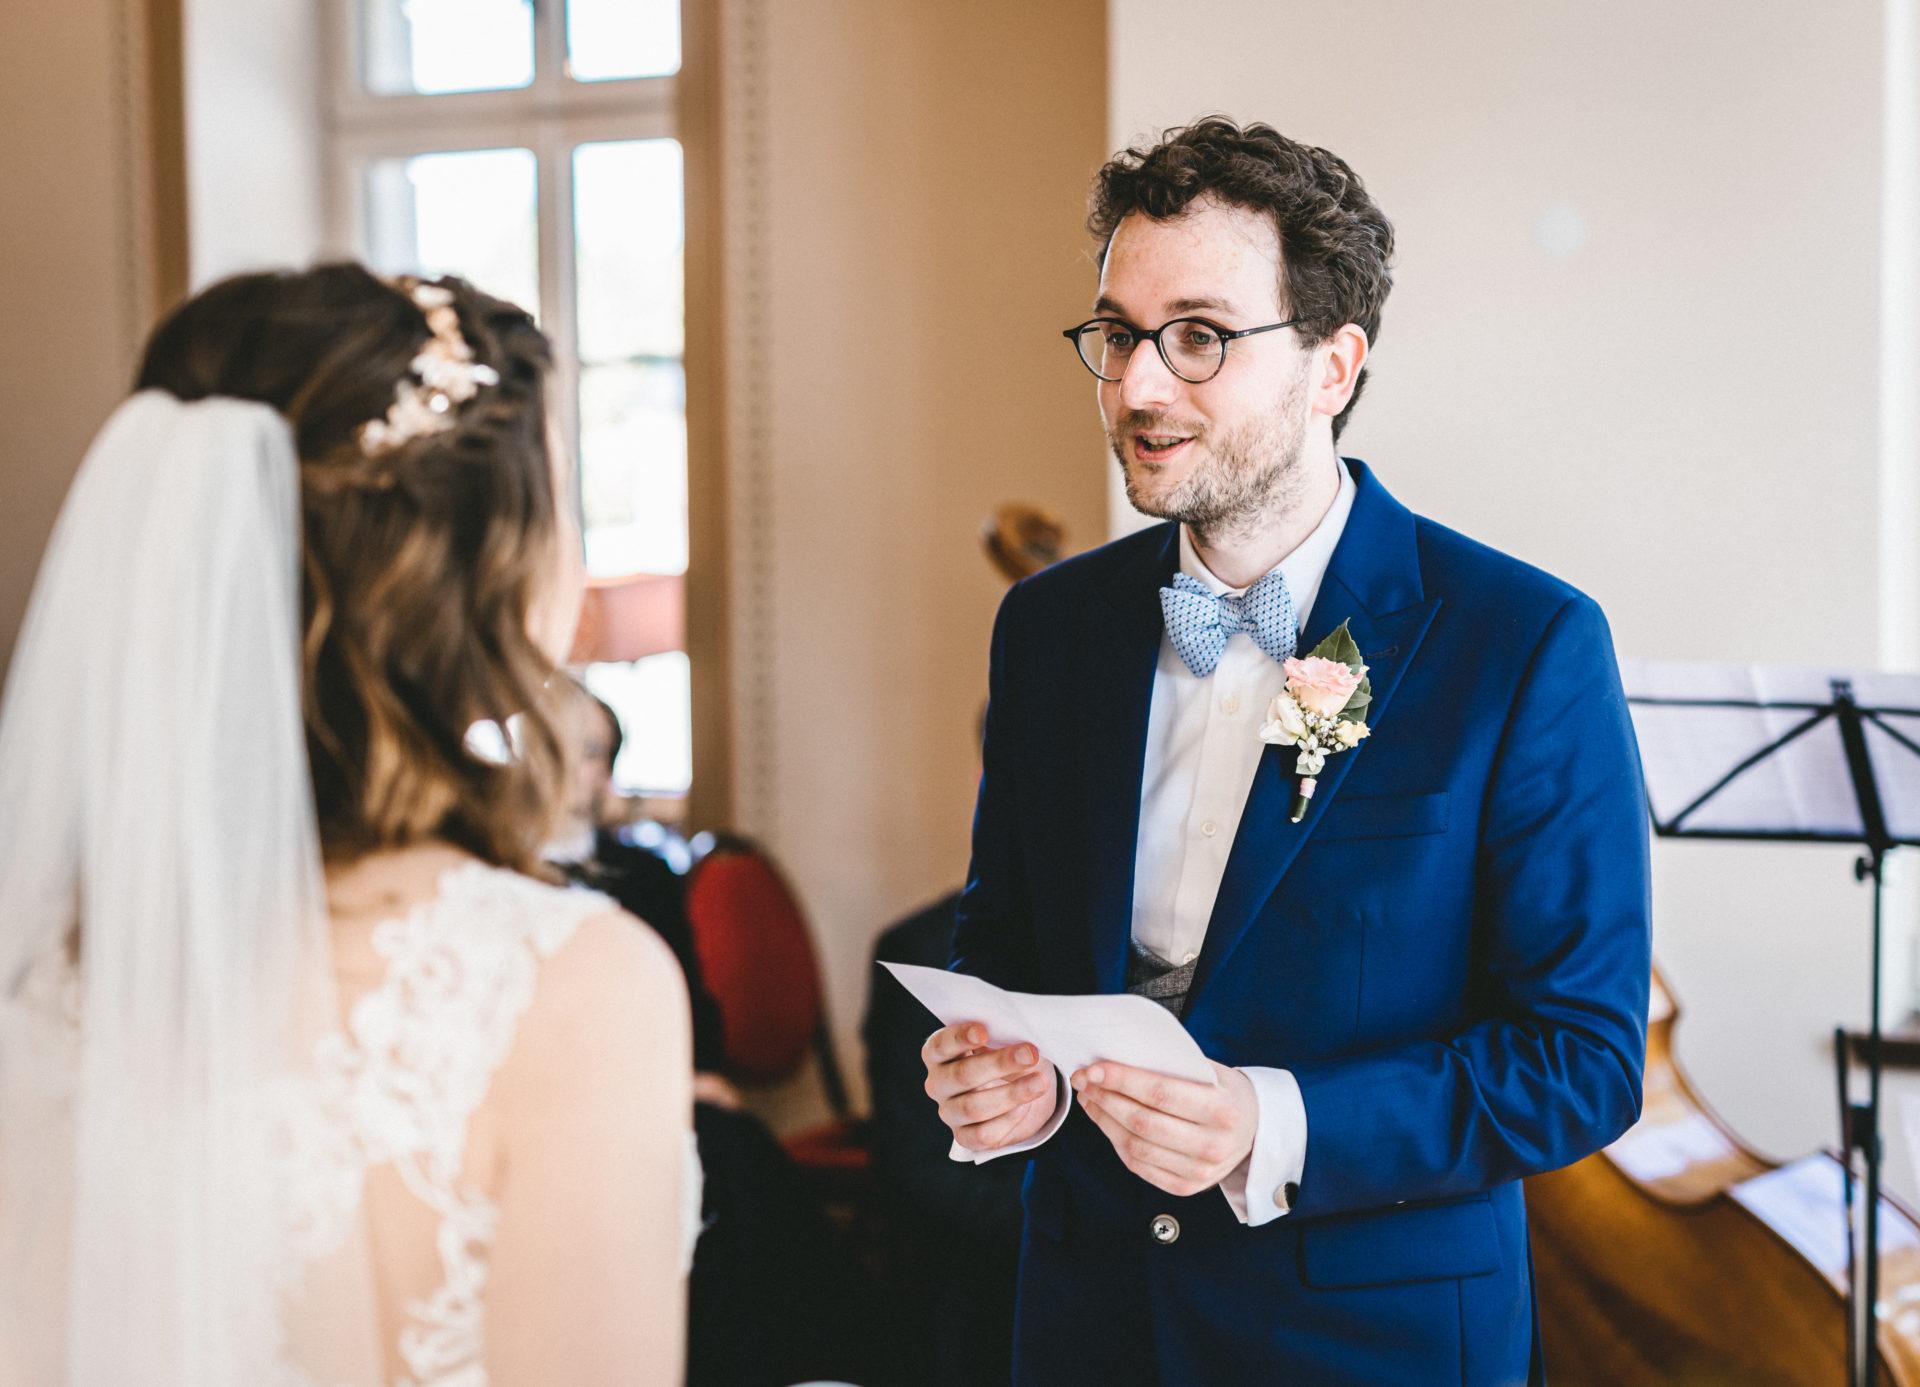 Hochzeitsreportage | Freie Trauung im Herrenhaus Möckern in Leipzig | 24